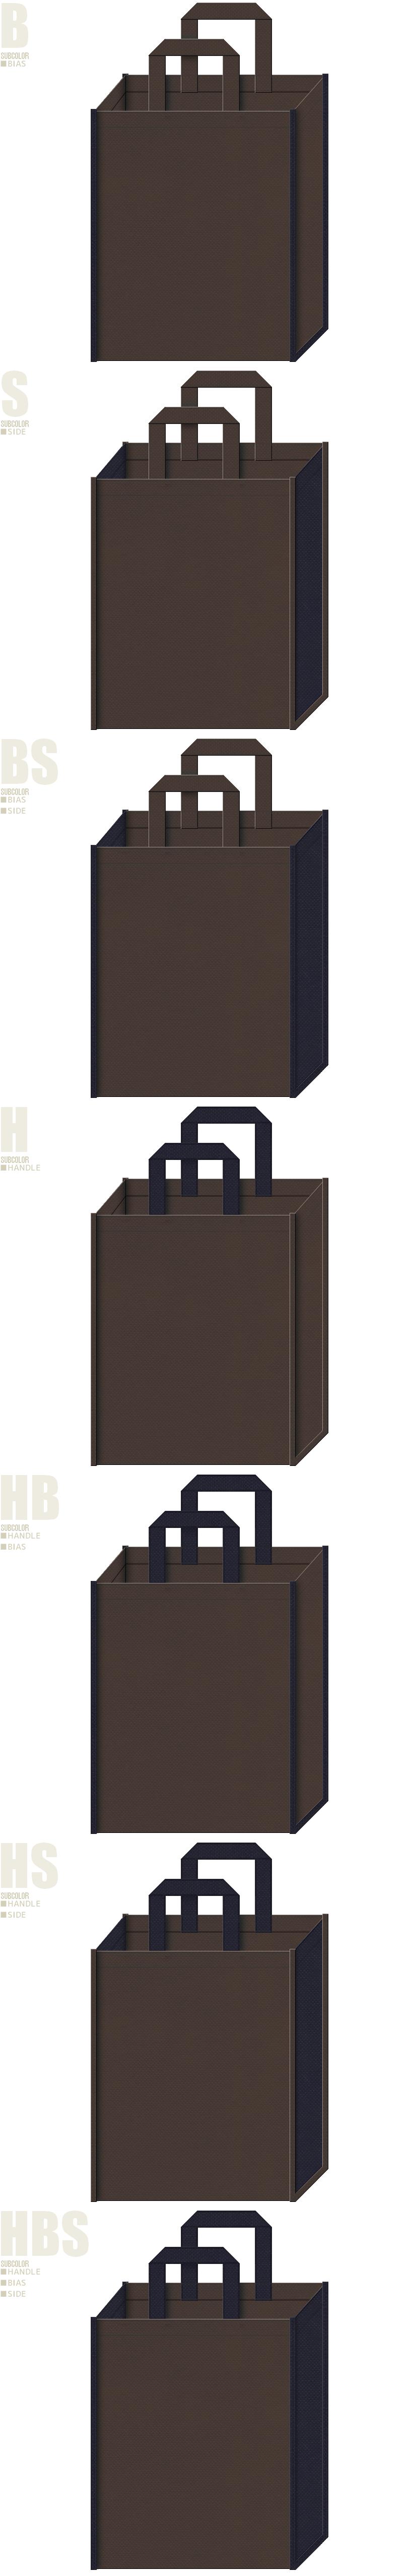 メンズ商品・ホラー・ミステリー・ゲームにお奨めの不織布バッグデザイン:こげ茶色と濃紺色の不織布バッグ配色7パターン。